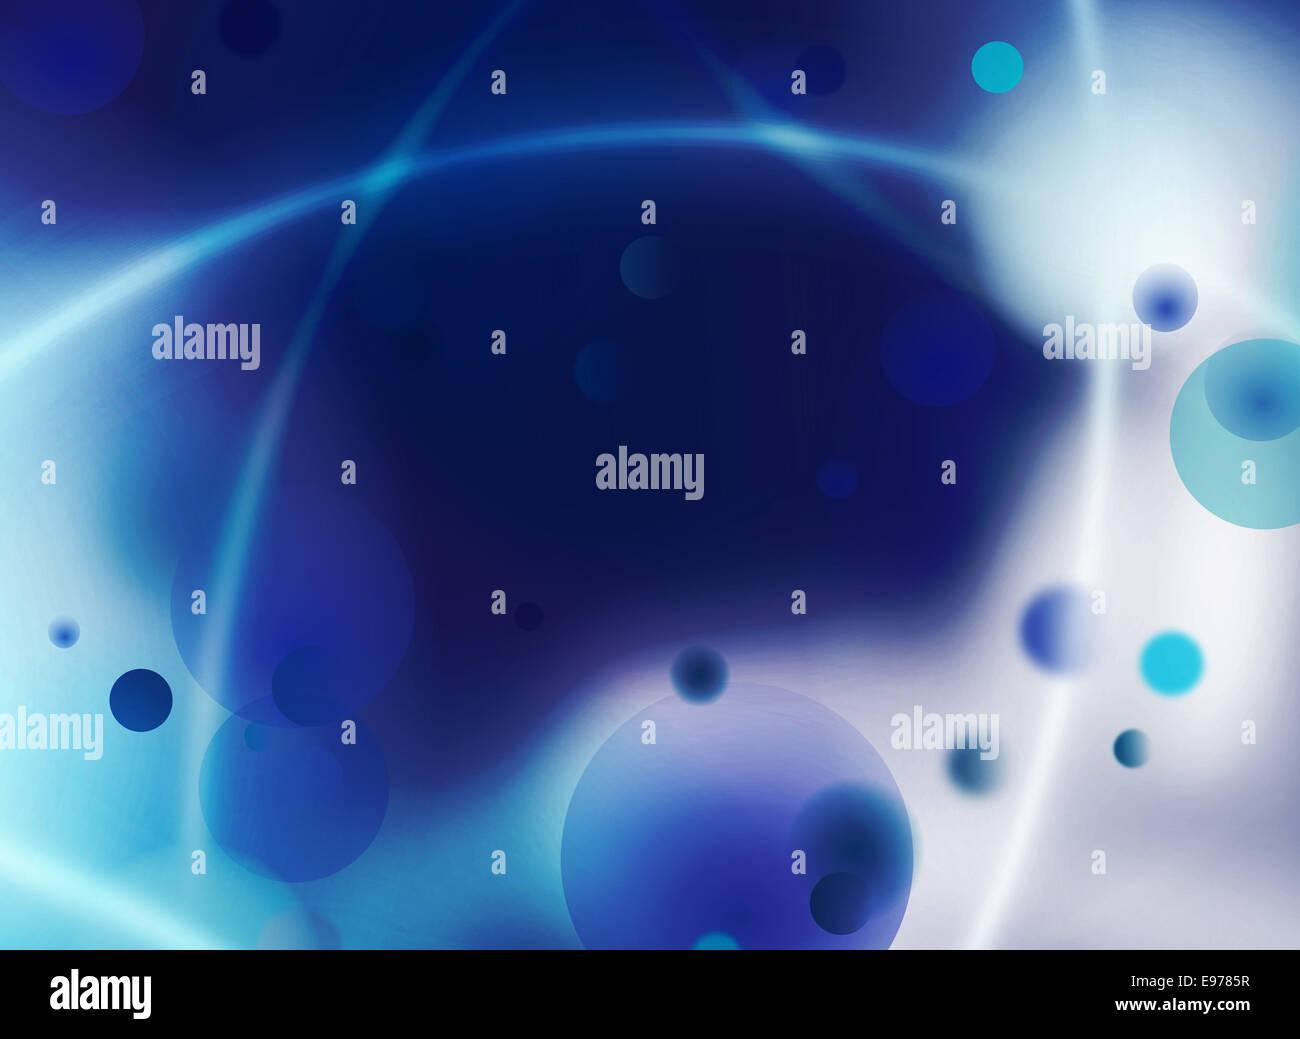 Graphique de connexion cellulaire Photo Stock